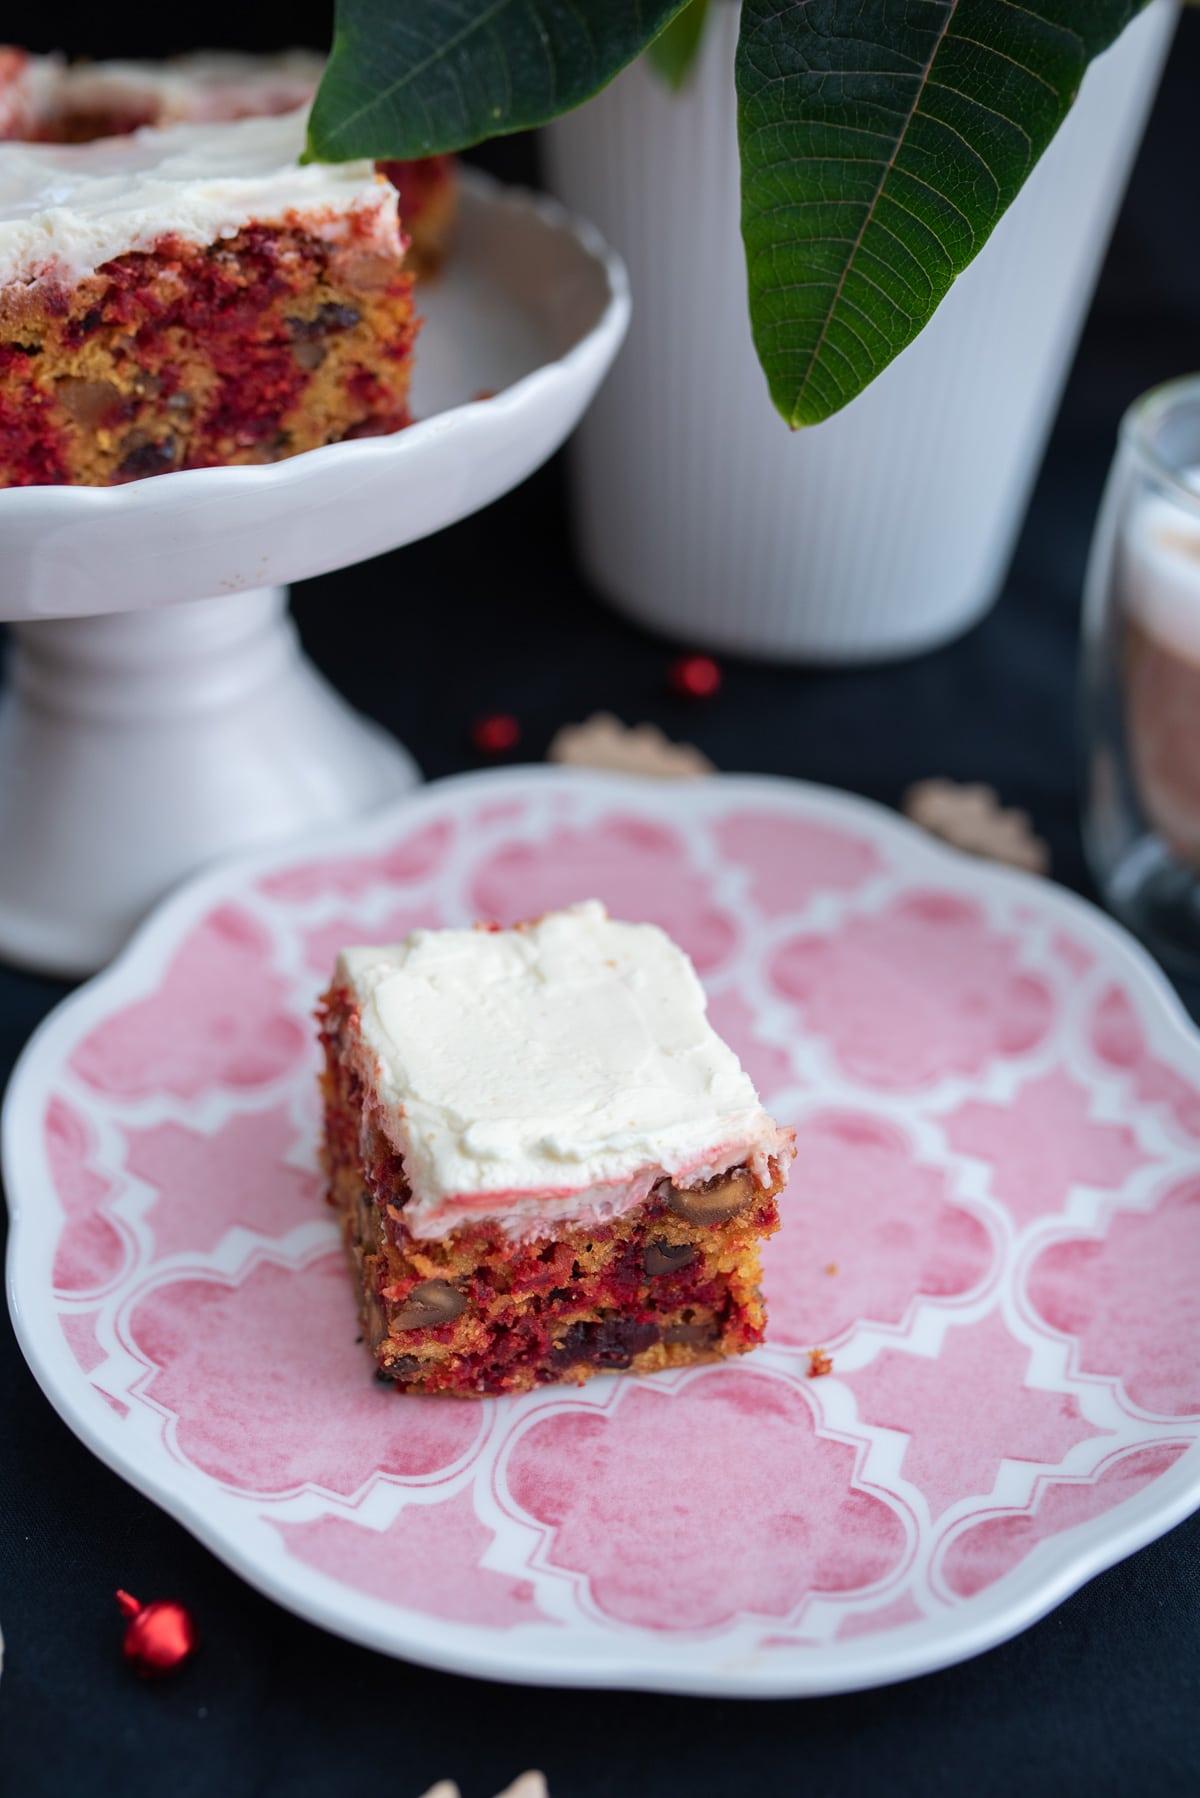 Kawałek ciasta z widocznymi orzechami i cząstkami buraka.